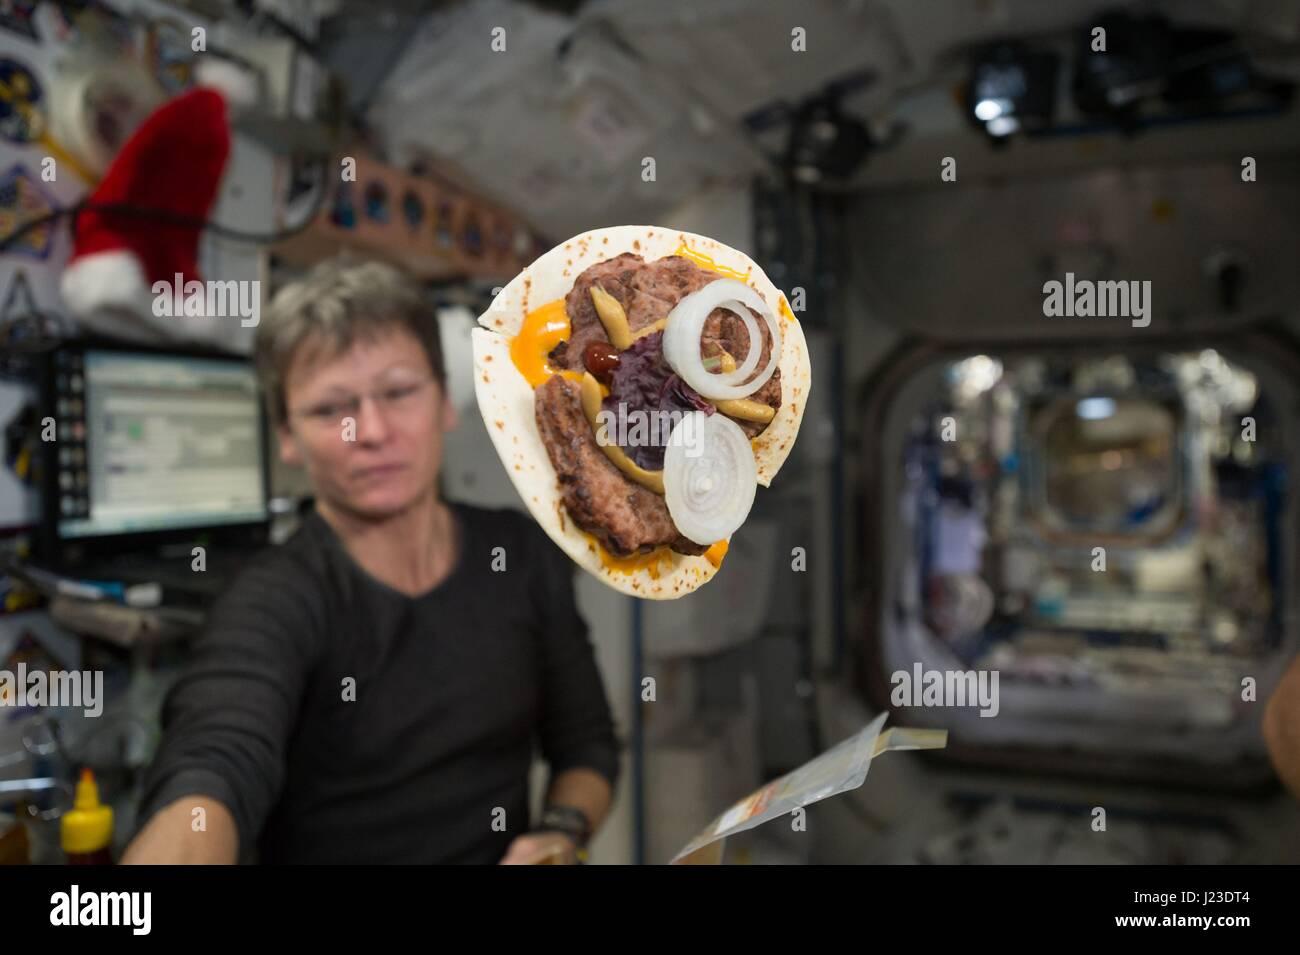 nasa food for astronauts - HD1024×768